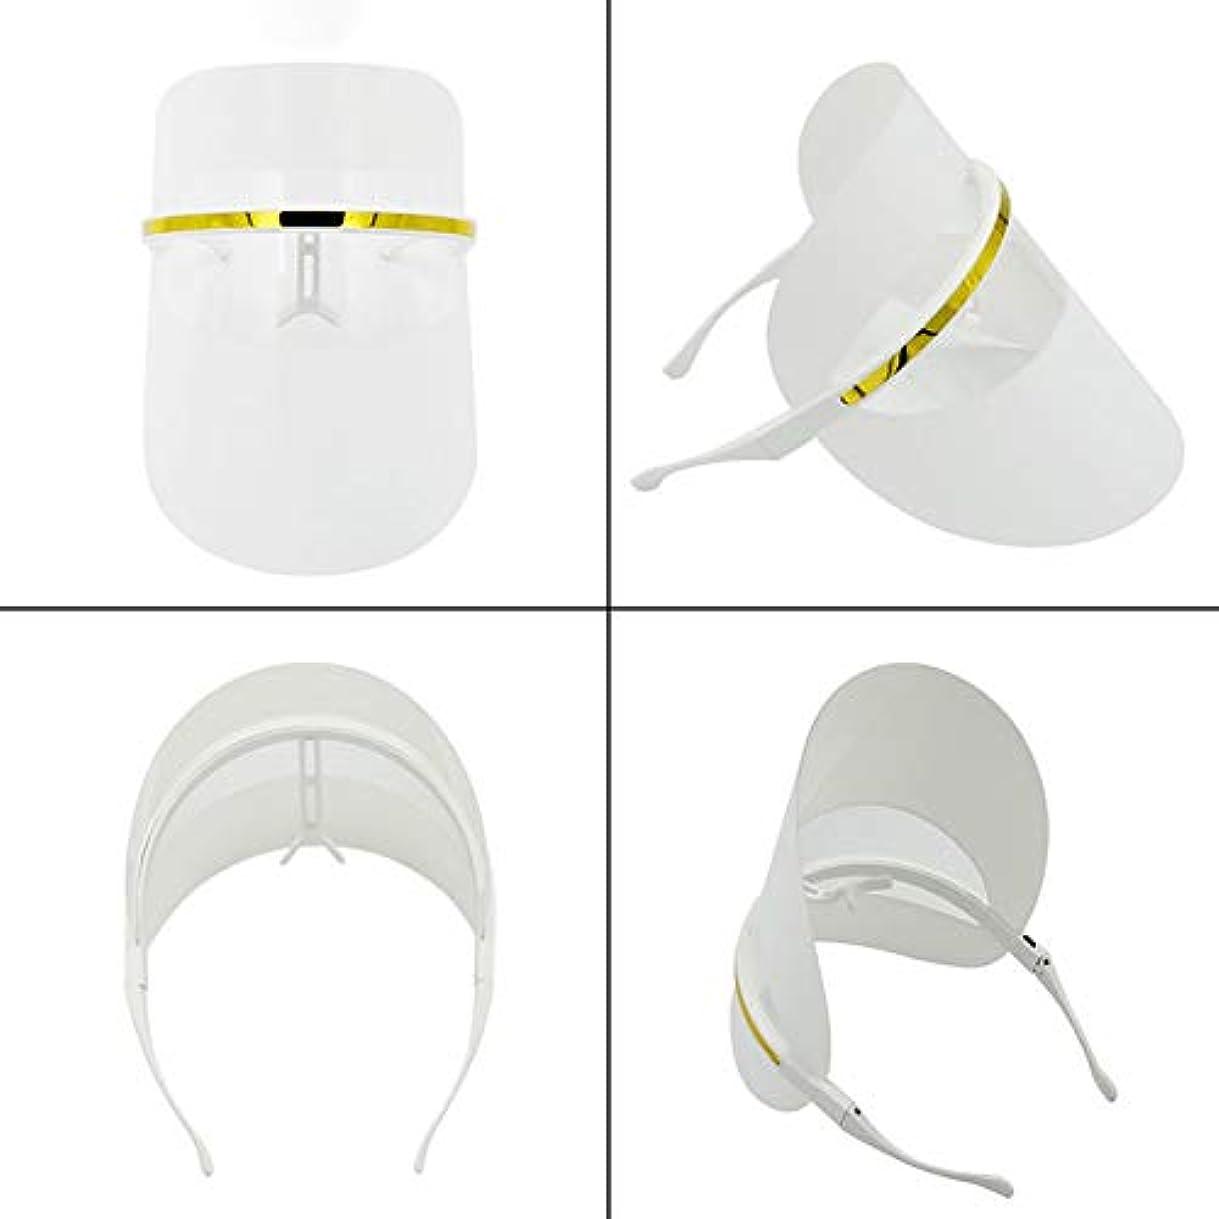 機会クレア笑7色LEDフェイスマスク、LEDフォトンビューティーマスク、健康的な肌の若返りのためのフォトンレッドライトセラピー、コラーゲン、アンチエイジング、しわ、瘢痕